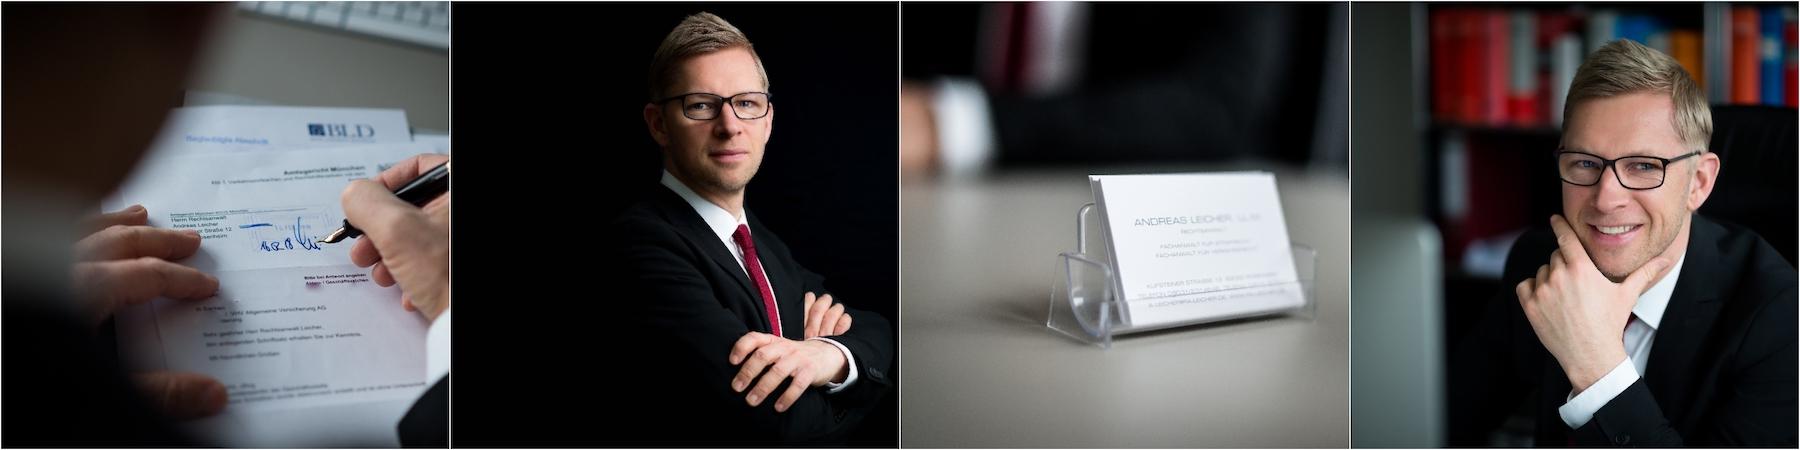 L.L.M. Andreas Leicher - Presse | Fachanwalt für Strafrecht Rosenheim | Strafverteidiger | Fachanwalt für Verkehrsrecht